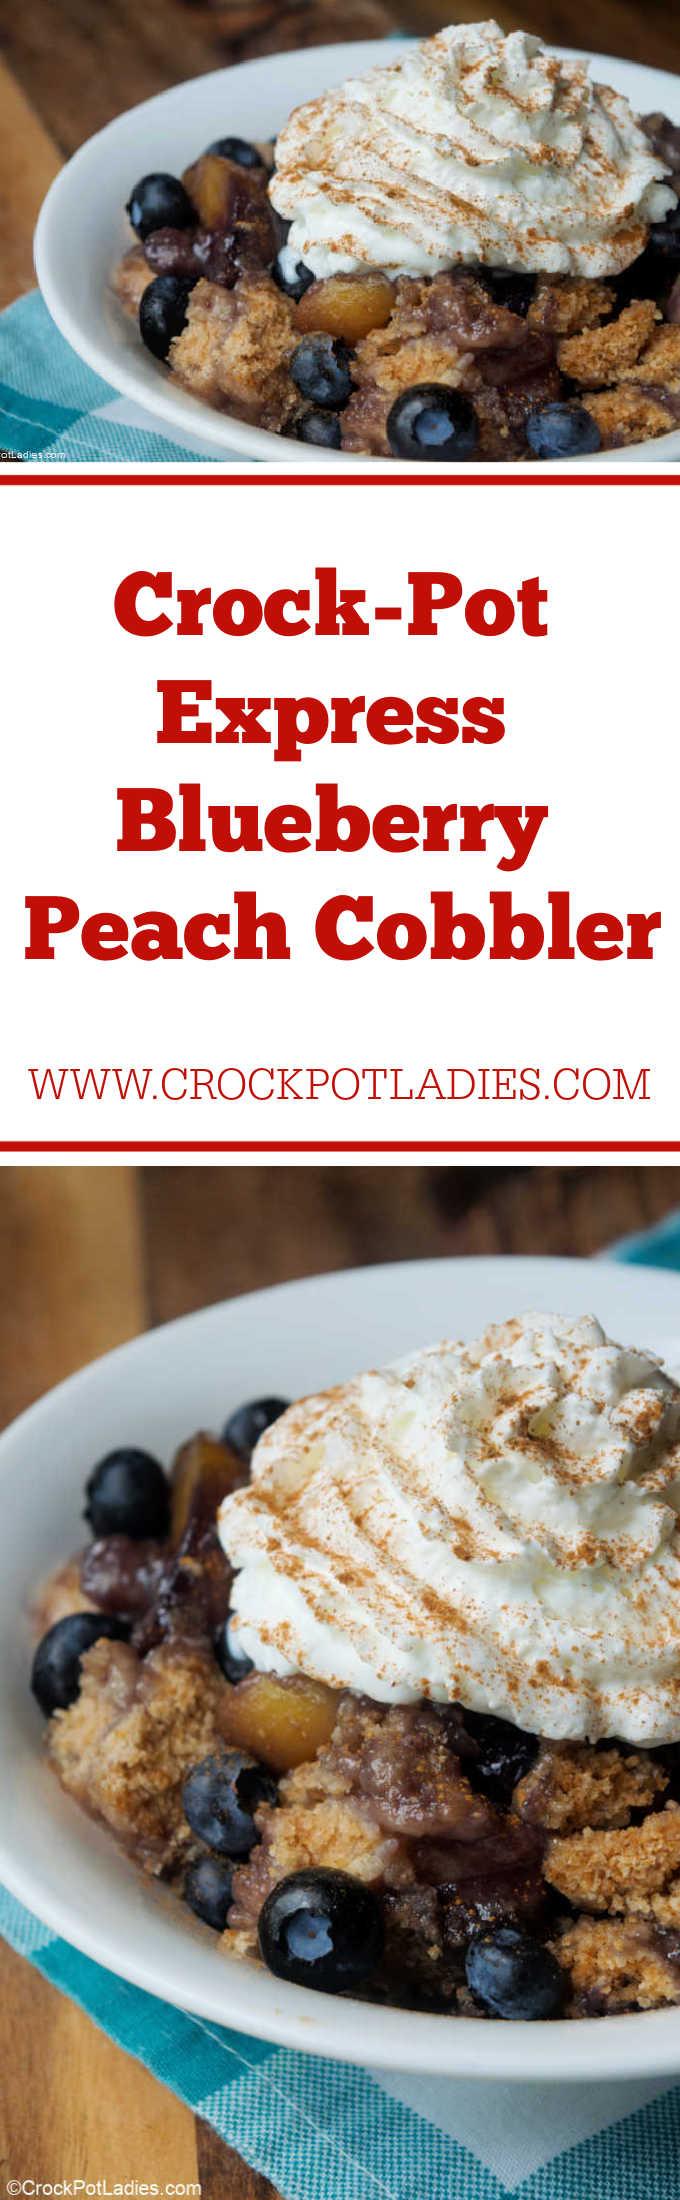 Crock-Pot Express Blueberry Peach Cobbler